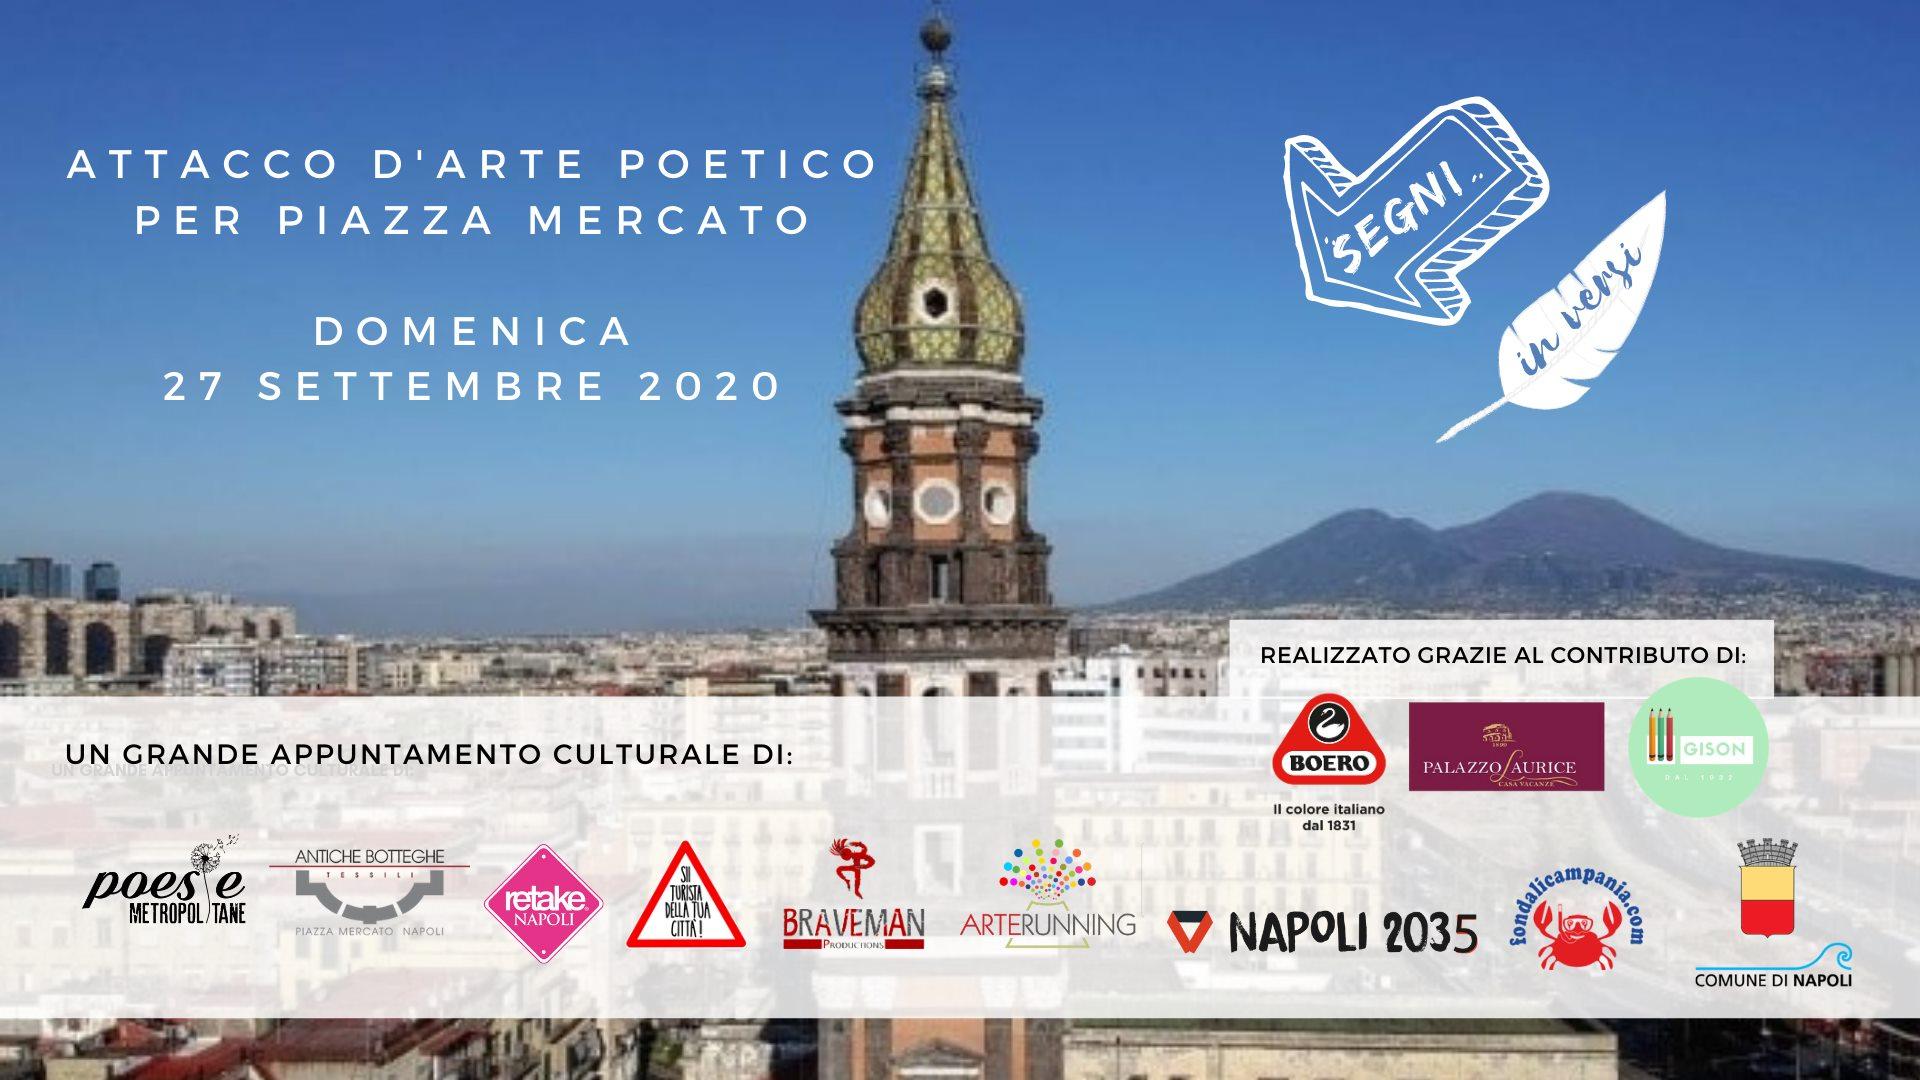 SegninVersi – Attacco d'arte poetica a Piazza Mercato. A partire dal 27 settembre